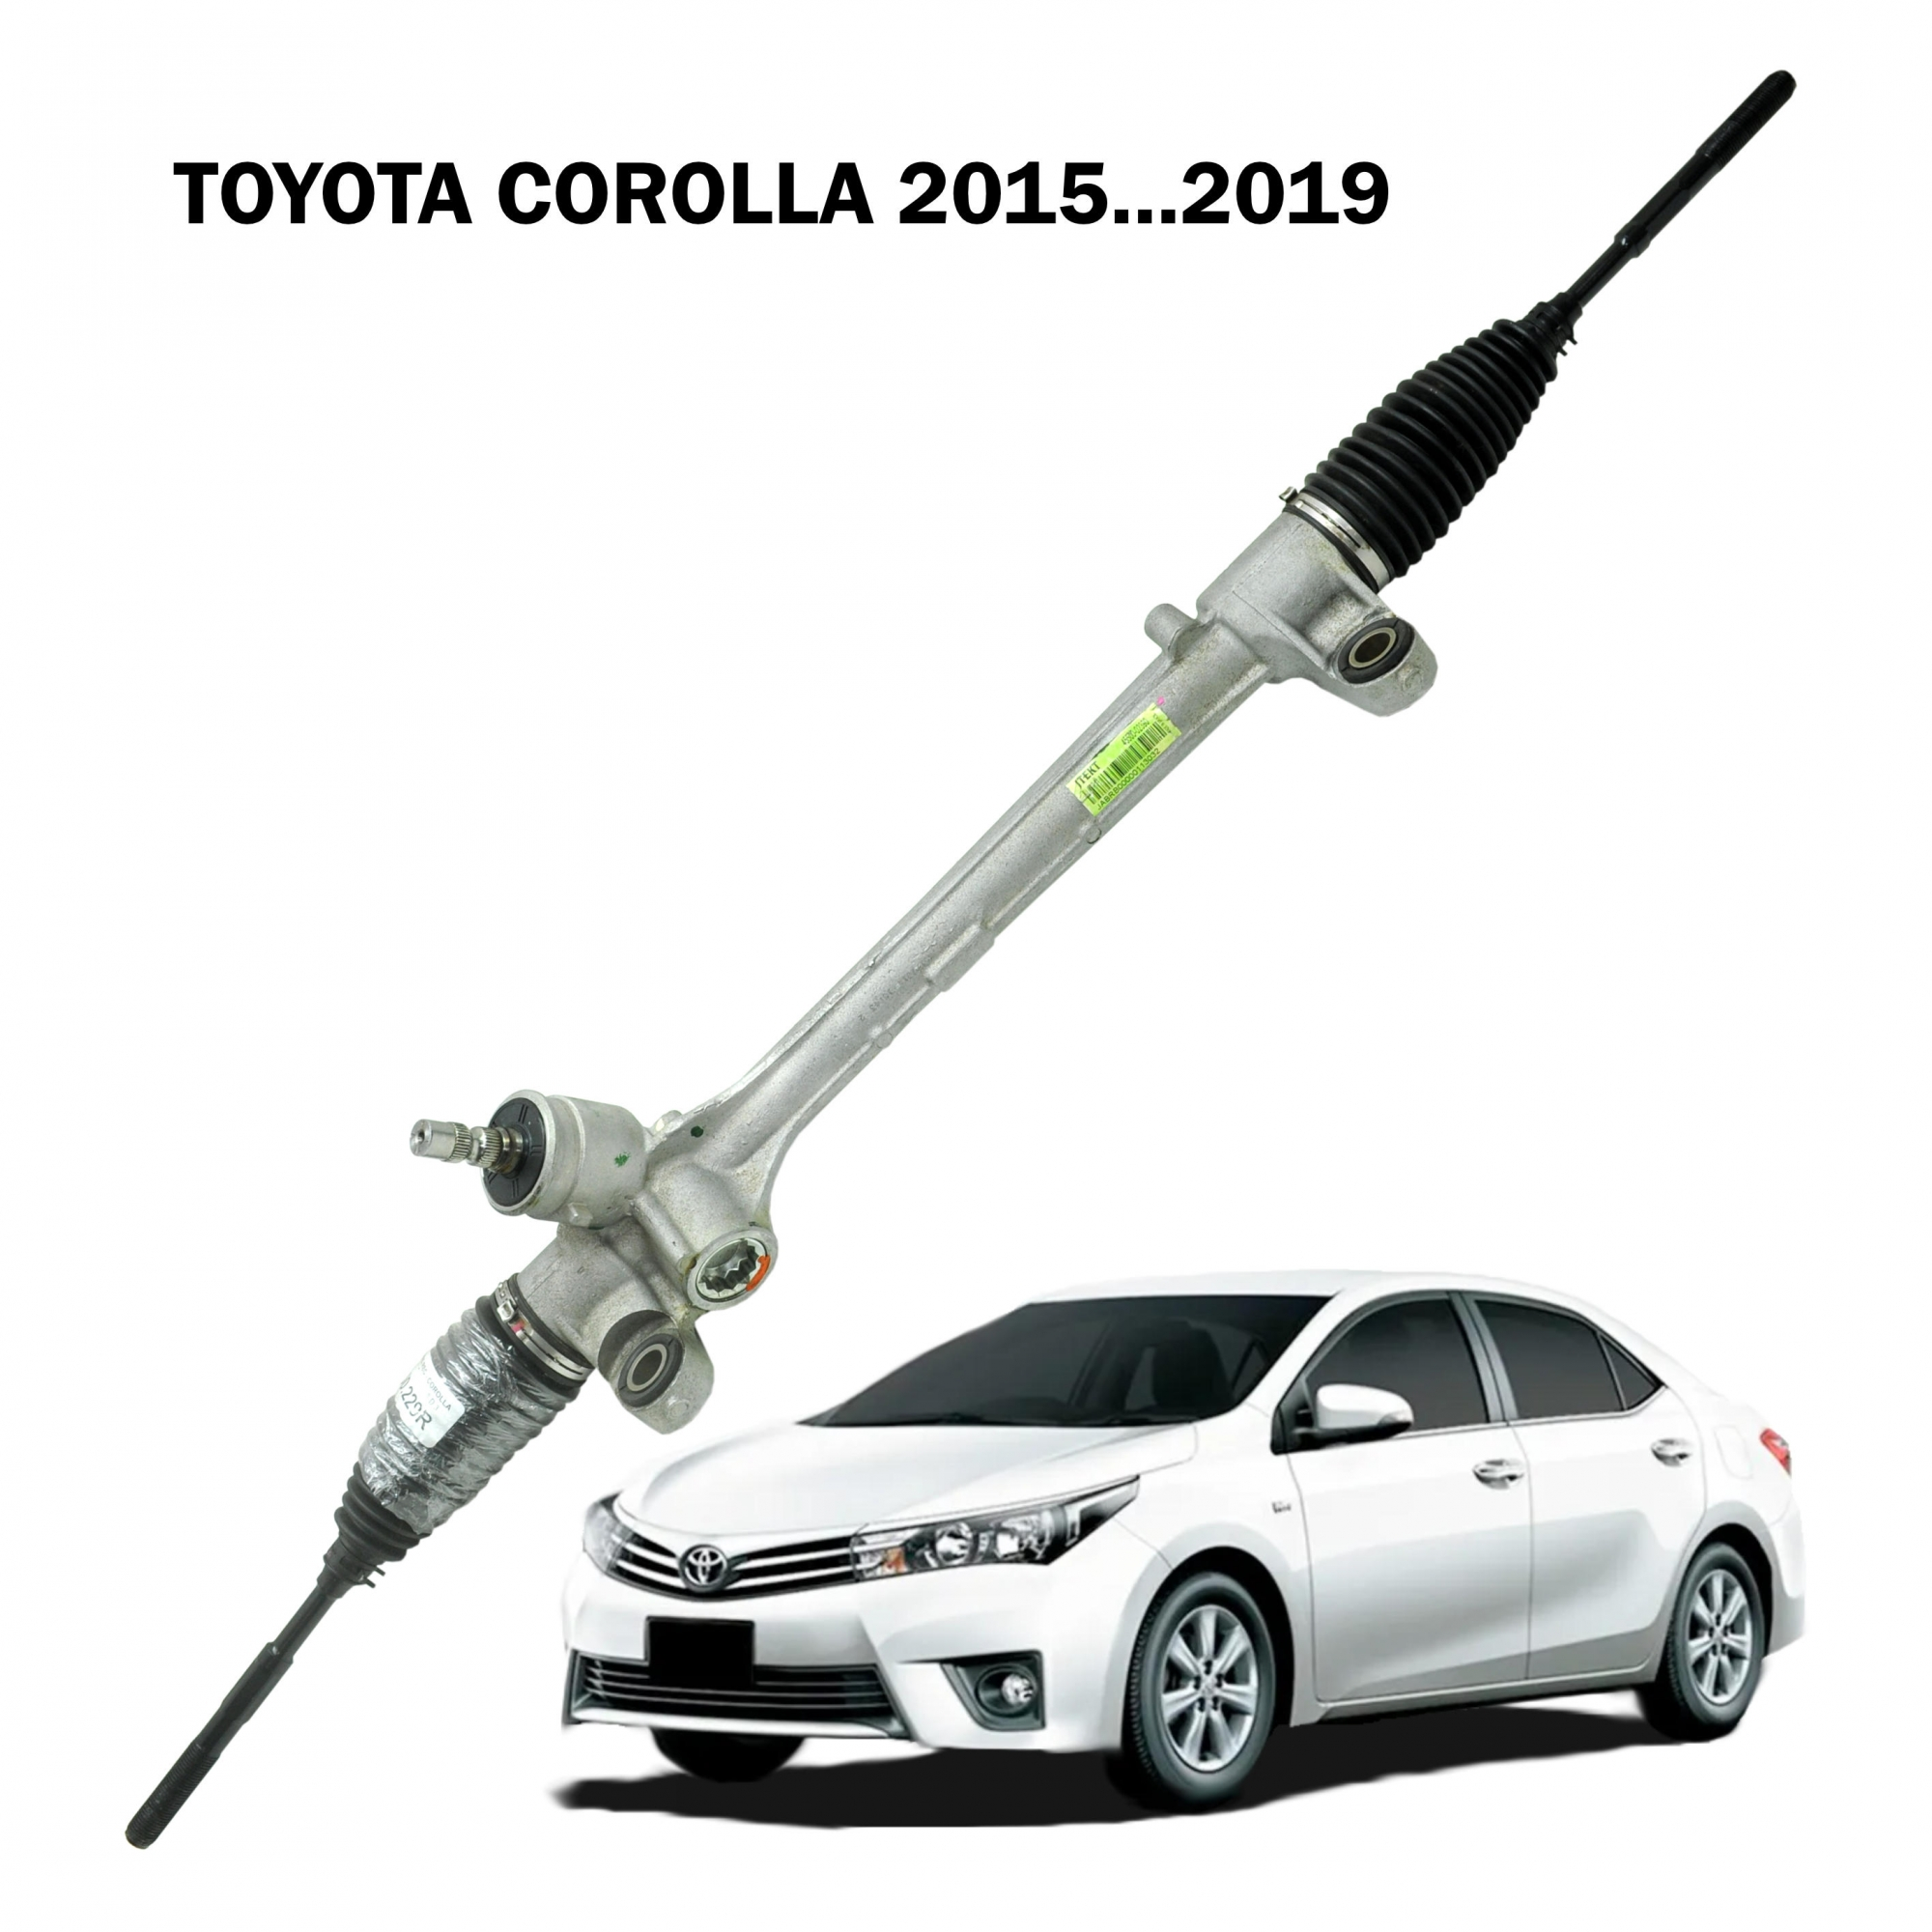 Caixa Direção Mecanica  JTEKT Toyota Corolla 2015...2019 (Sistema Elétrico)